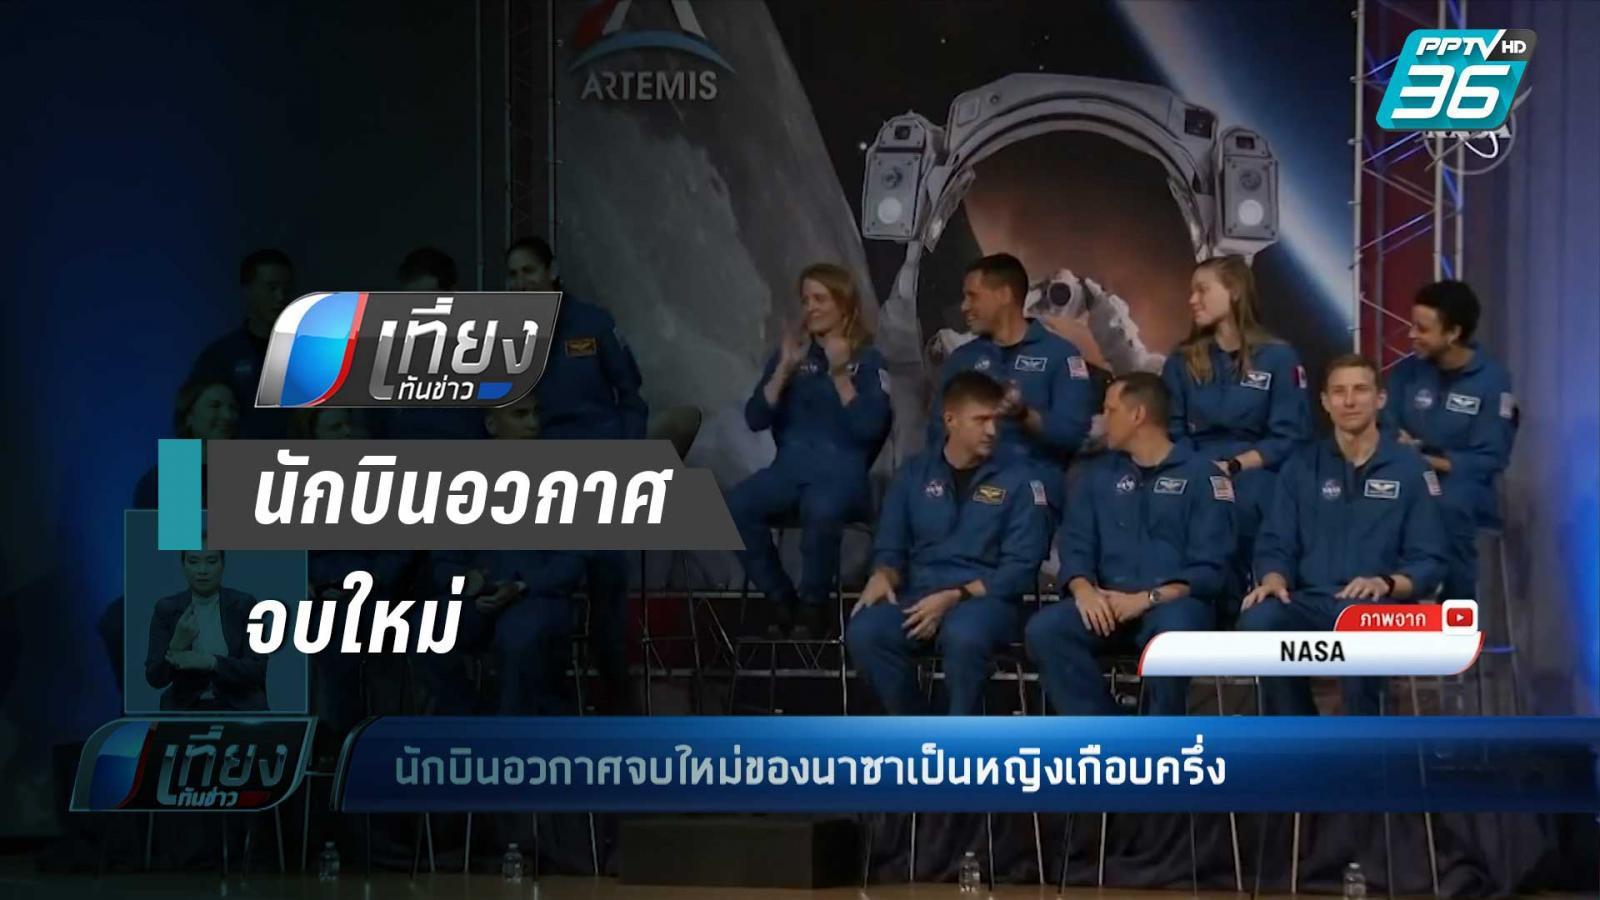 เผยโฉม 13 นักบินอวกาศจบใหม่ของนาซา เป็นผู้หญิงเกือบครึ่ง